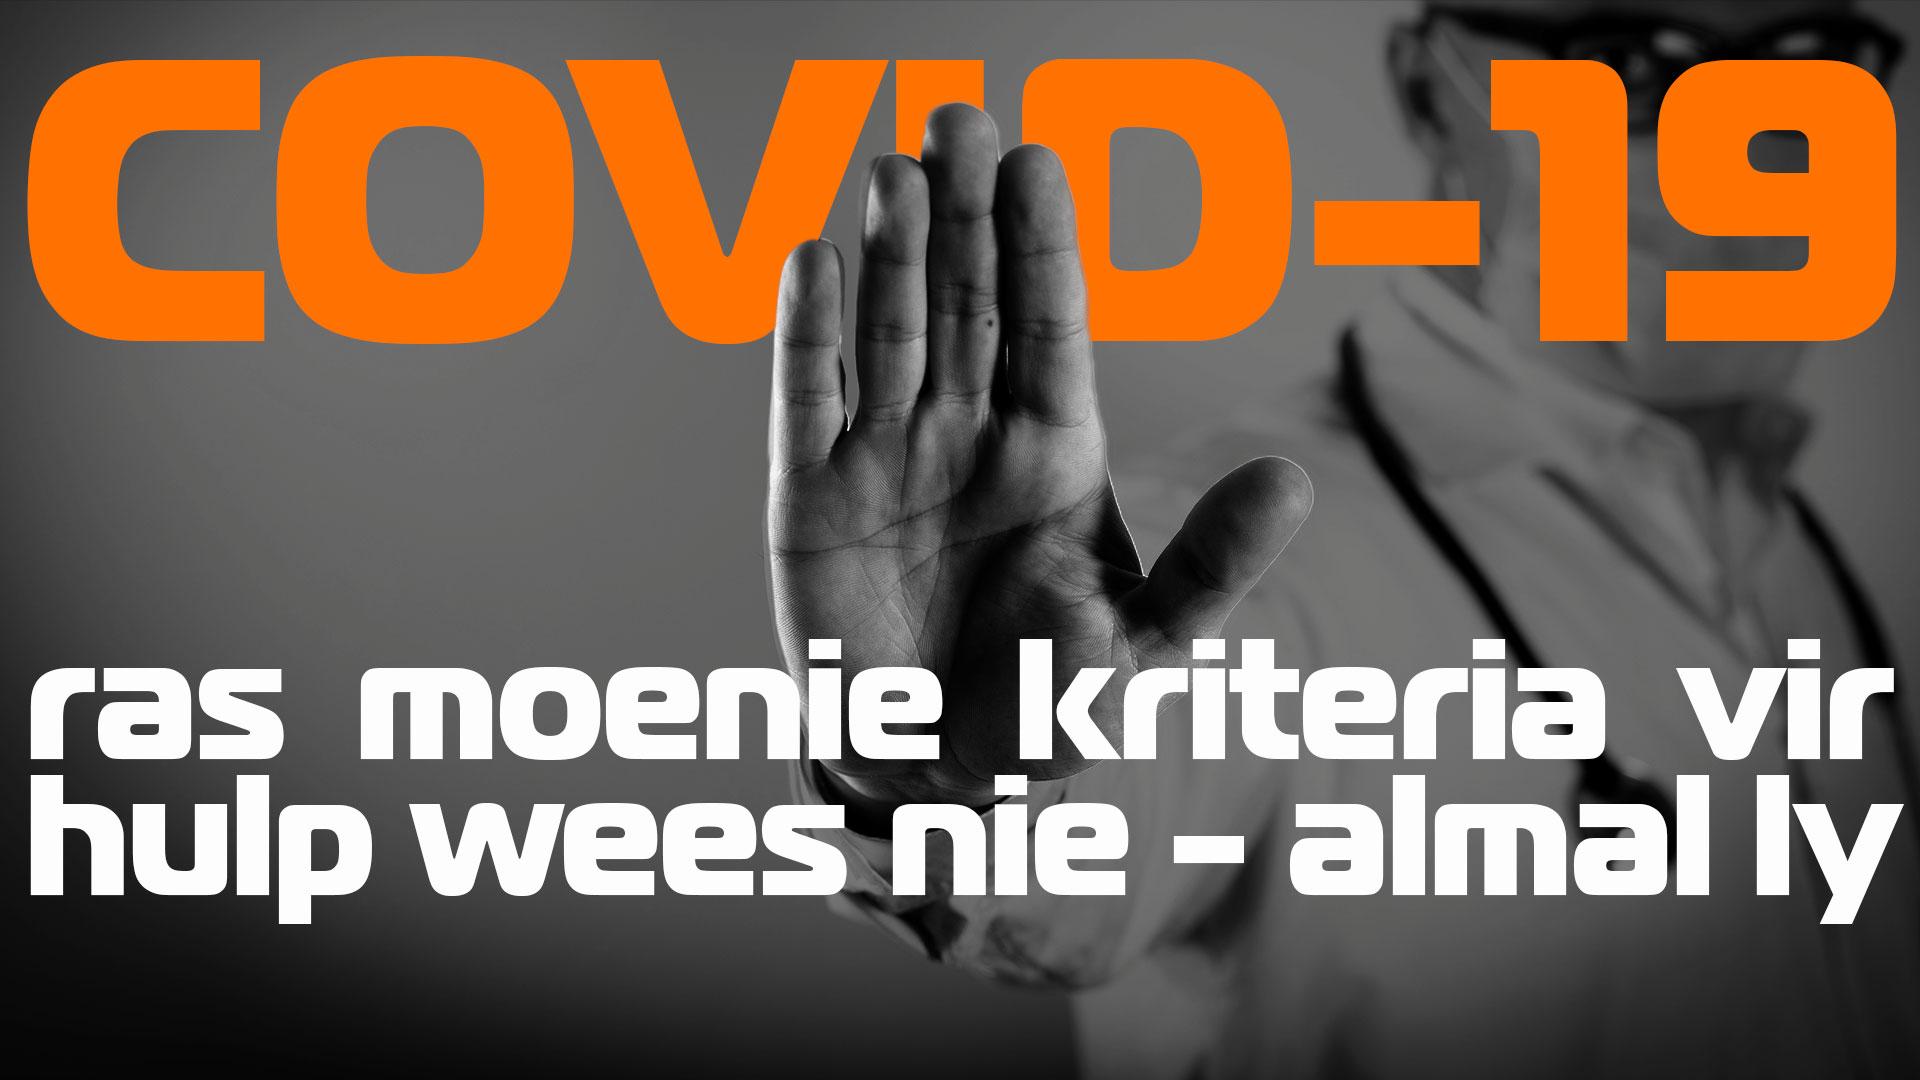 COVID19 WEBSITE PRENTJIE AFRIKAANS VRYHEIDSFRONT